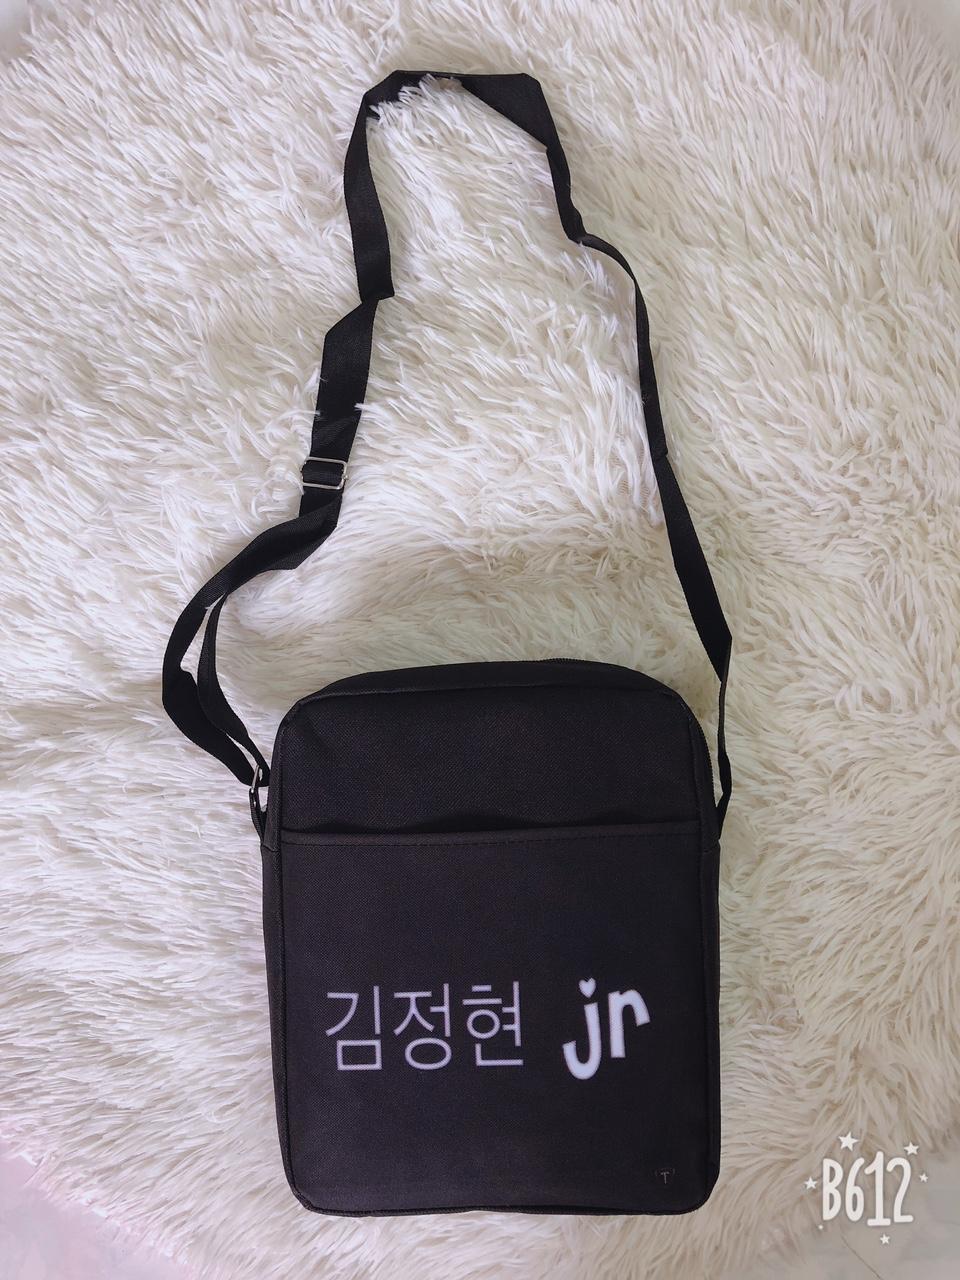 [TẶNG MÓC KHÓA] Túi đeo chéo Jr Hàn Quốc vừa ipad đi học đi chơi